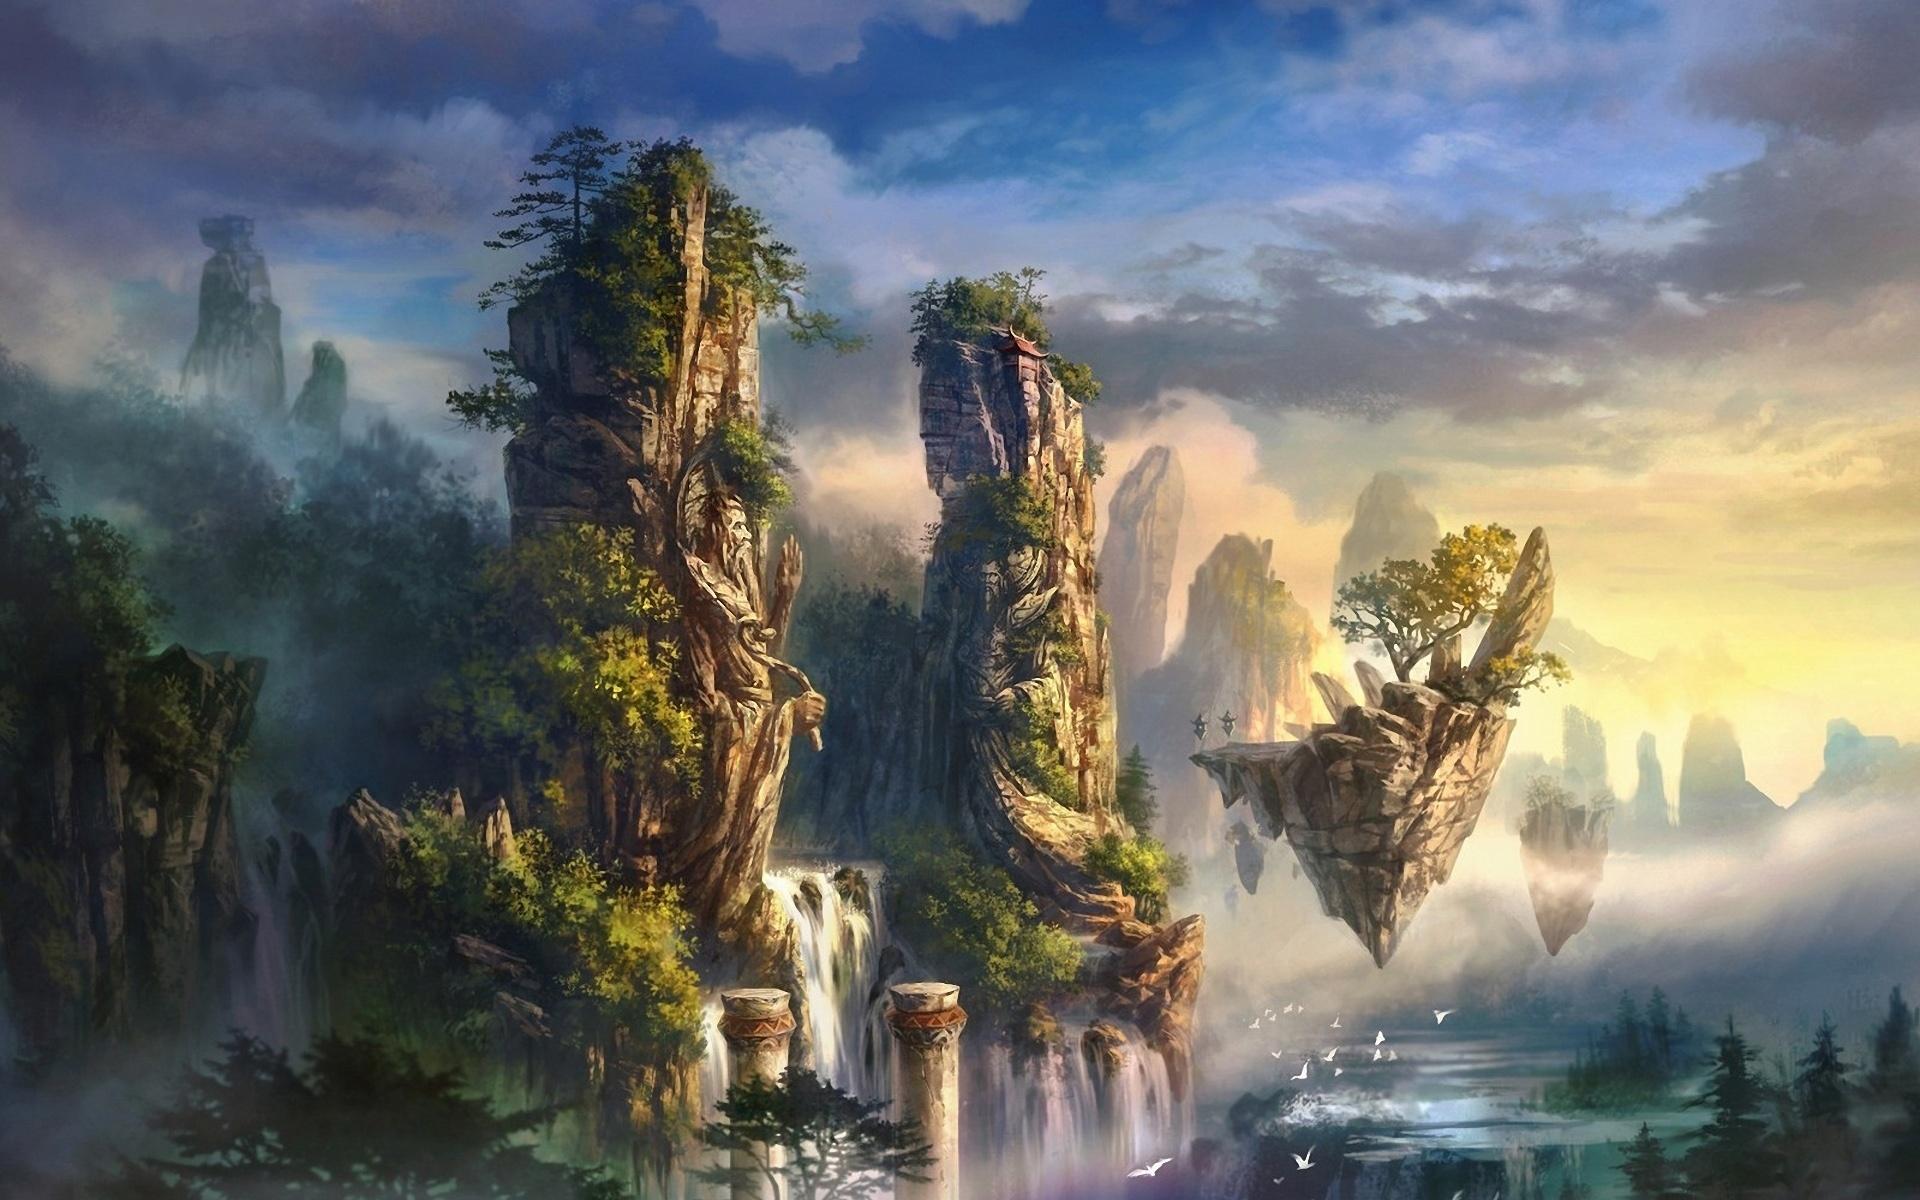 Wallpaper Art Landscape Mountain Rock Waterfall 1920x1200